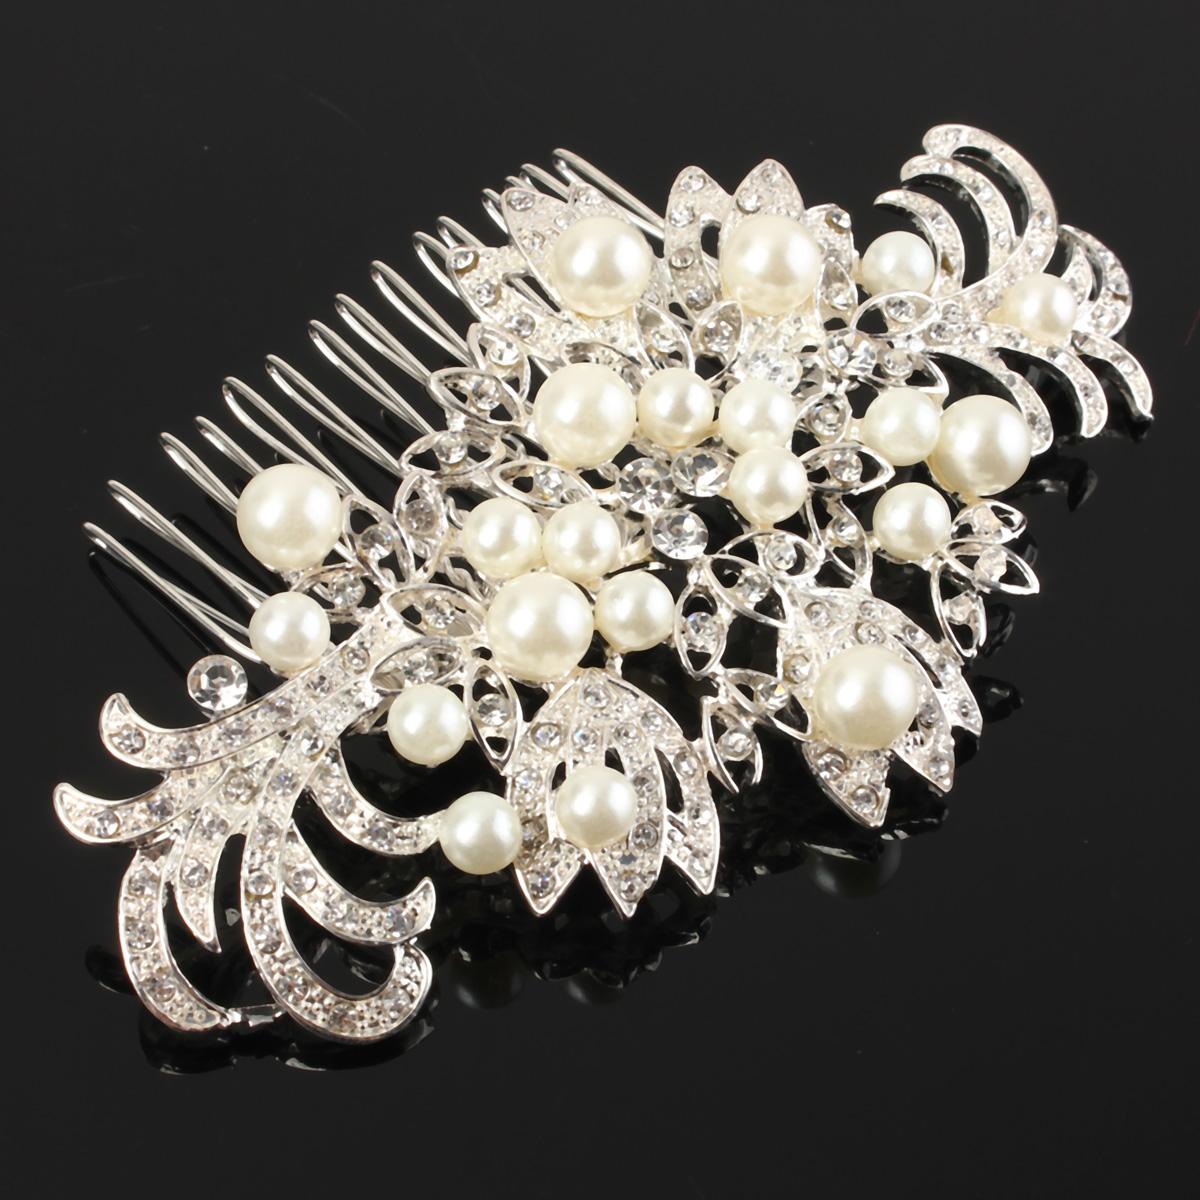 flower pearl rhinestone wedding prom bridal hair clip tiara